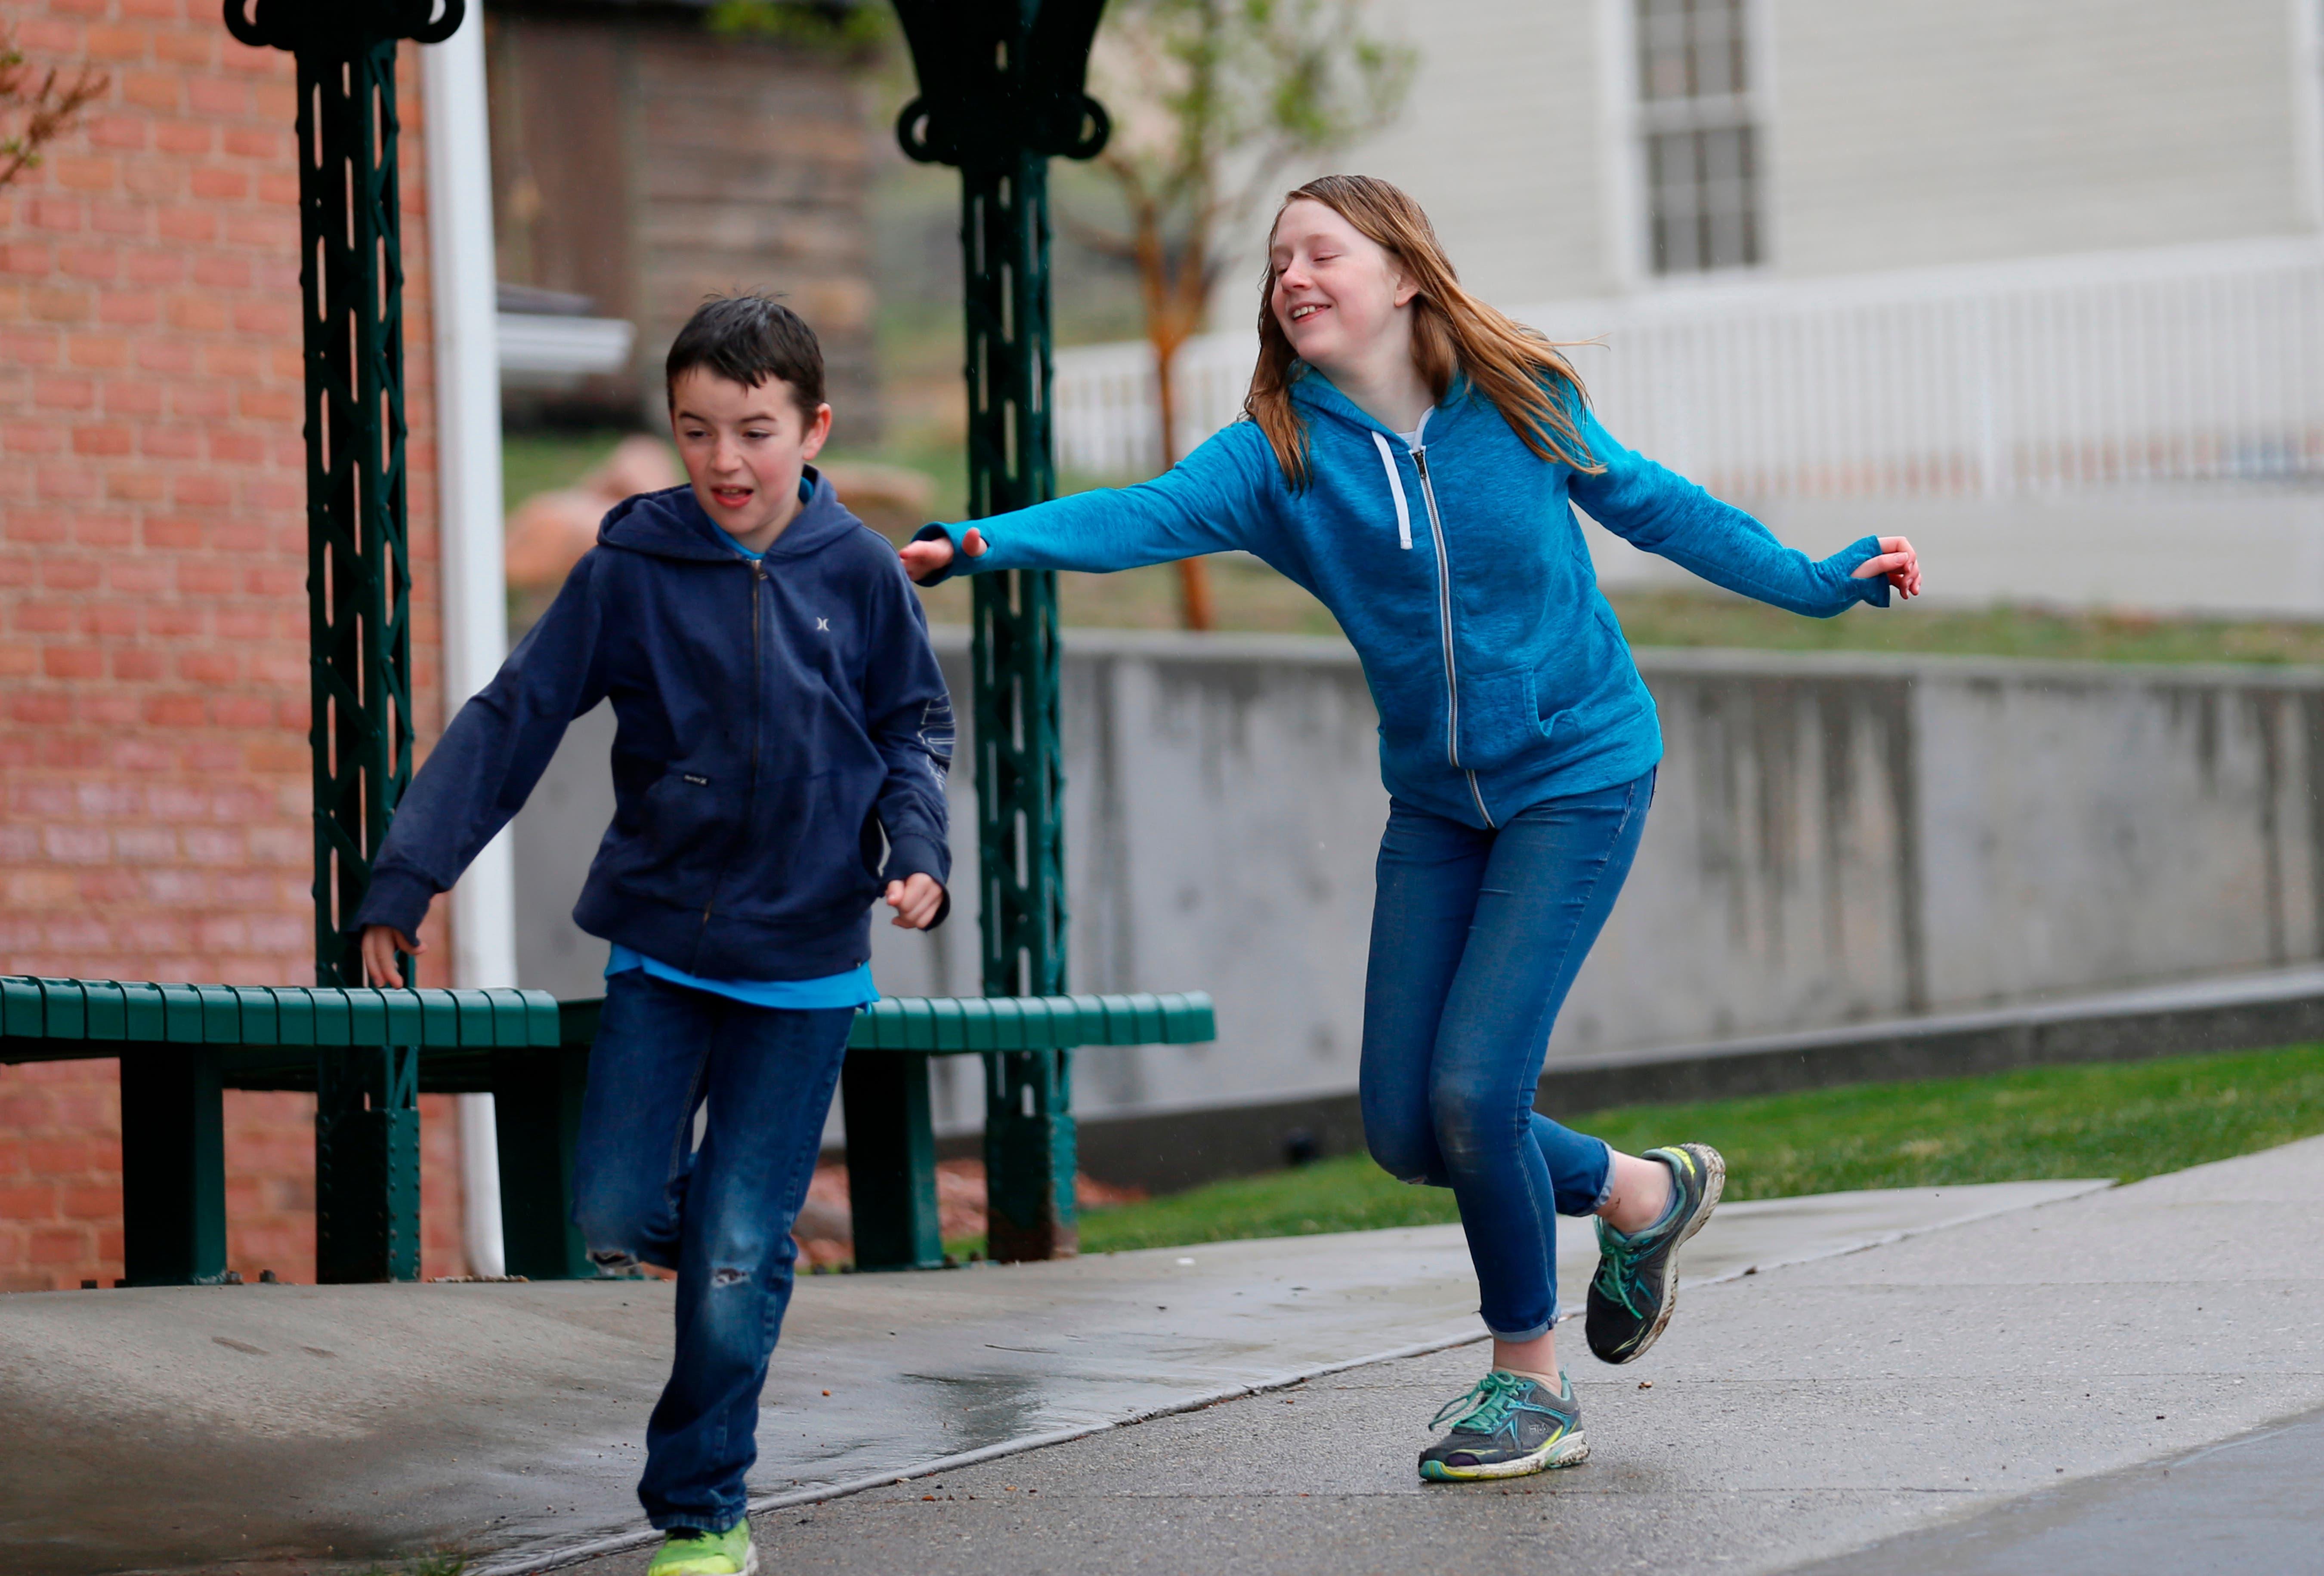 Caleb Coulter (izq), de 10 años, juega con su hermana Kendra, de 12, en un parque de Salt Lake City el 6 de abril del 2018. Una nueva tendencia alienta a los padres a dar más libertades a los menores para alentar su independencia, en lugar de programarles demasiadas actividades, sin dejar que se manejen por su cuenta. (AP Photo/Rick Bowmer)